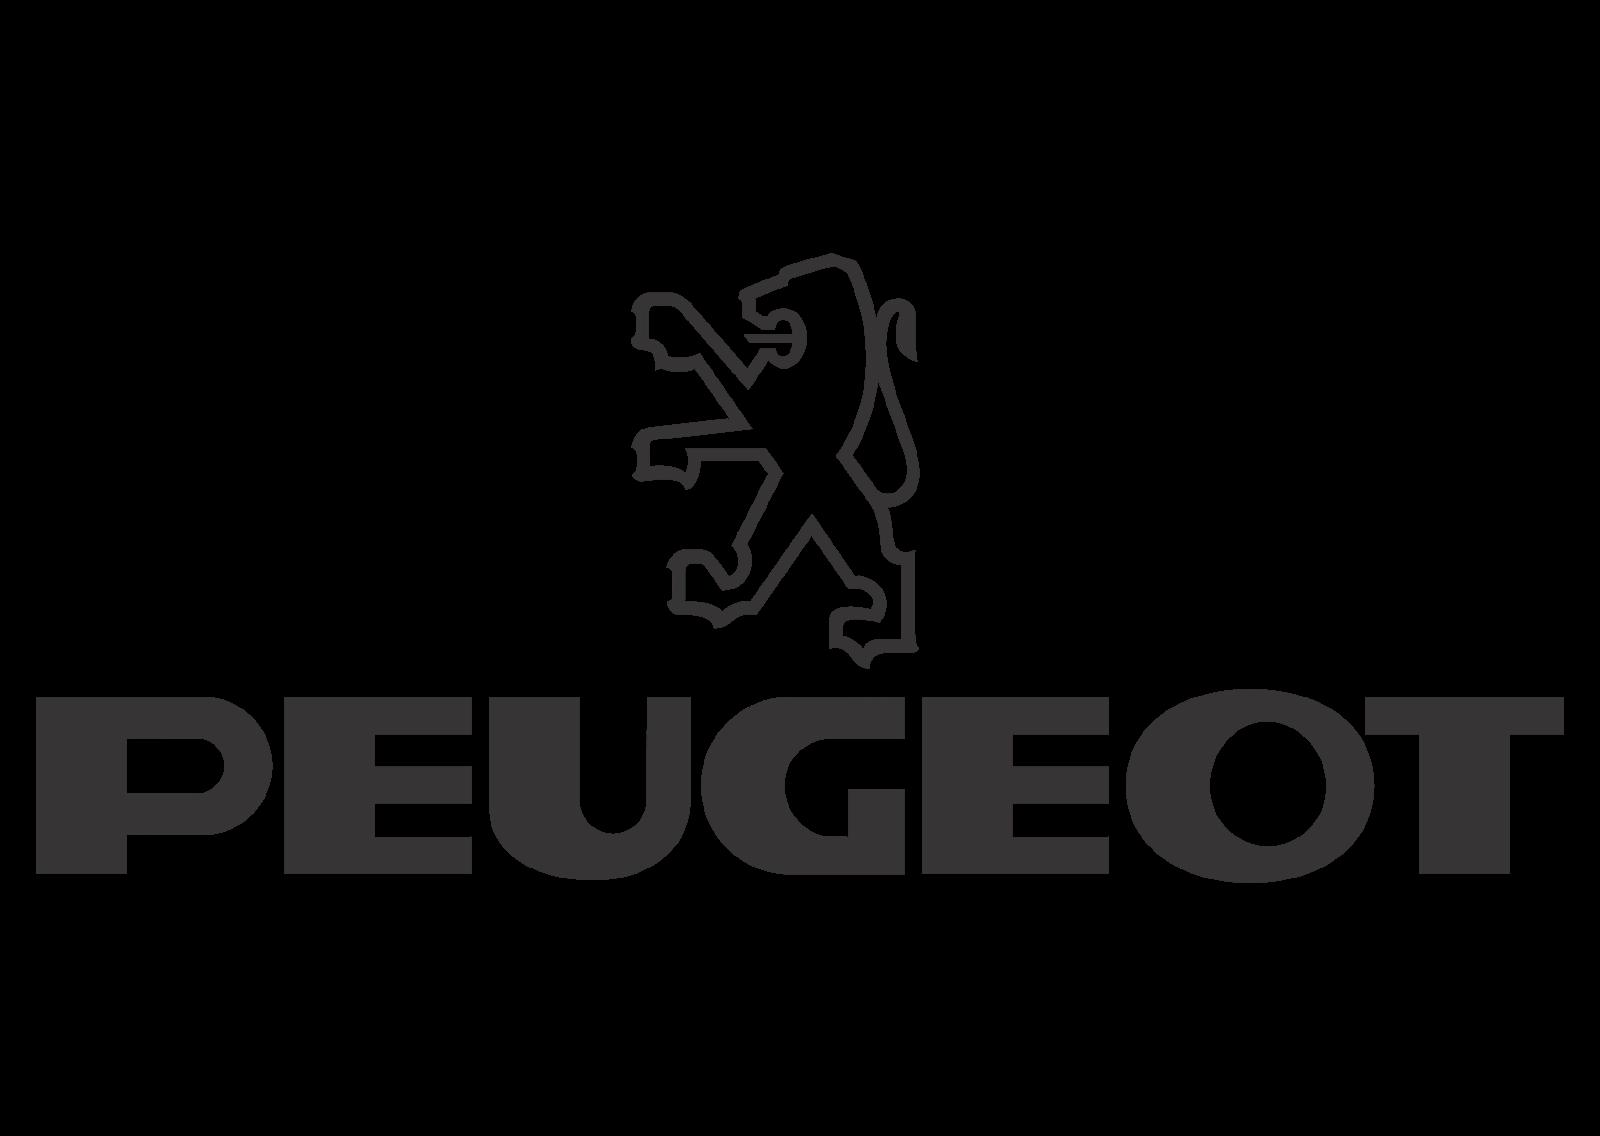 Peugeot (black white) Logo Vector - Peugeot Logo Eps PNG